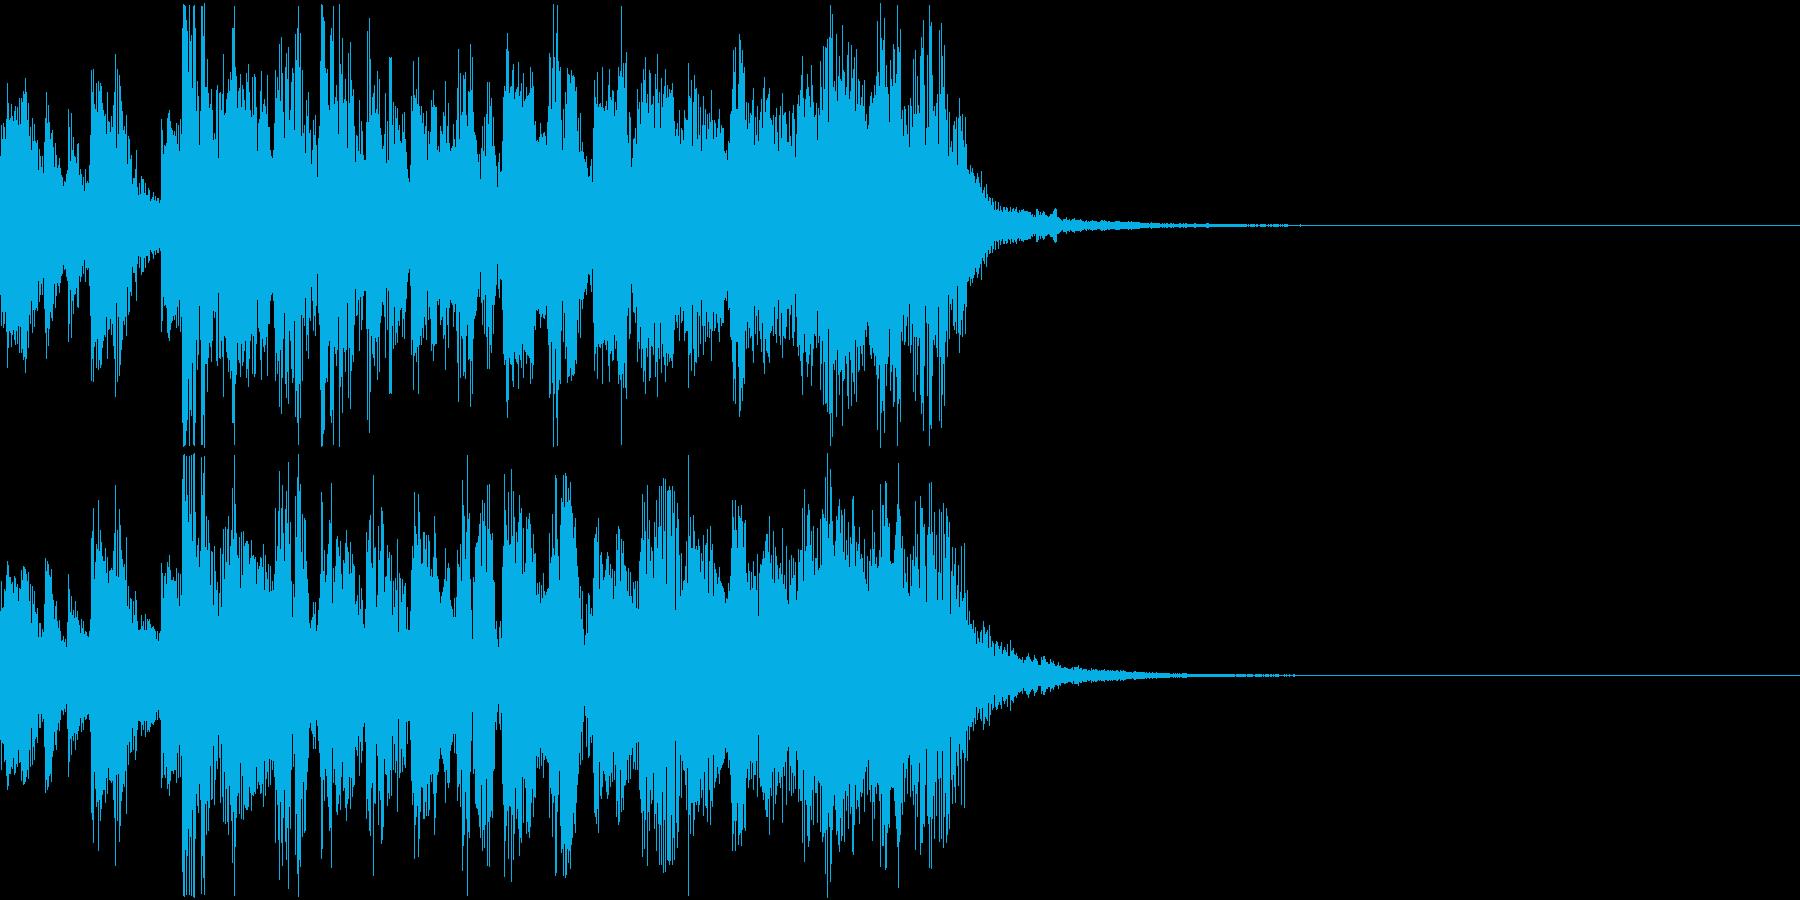 バトル系アニメのジングル向け激アツテクノの再生済みの波形